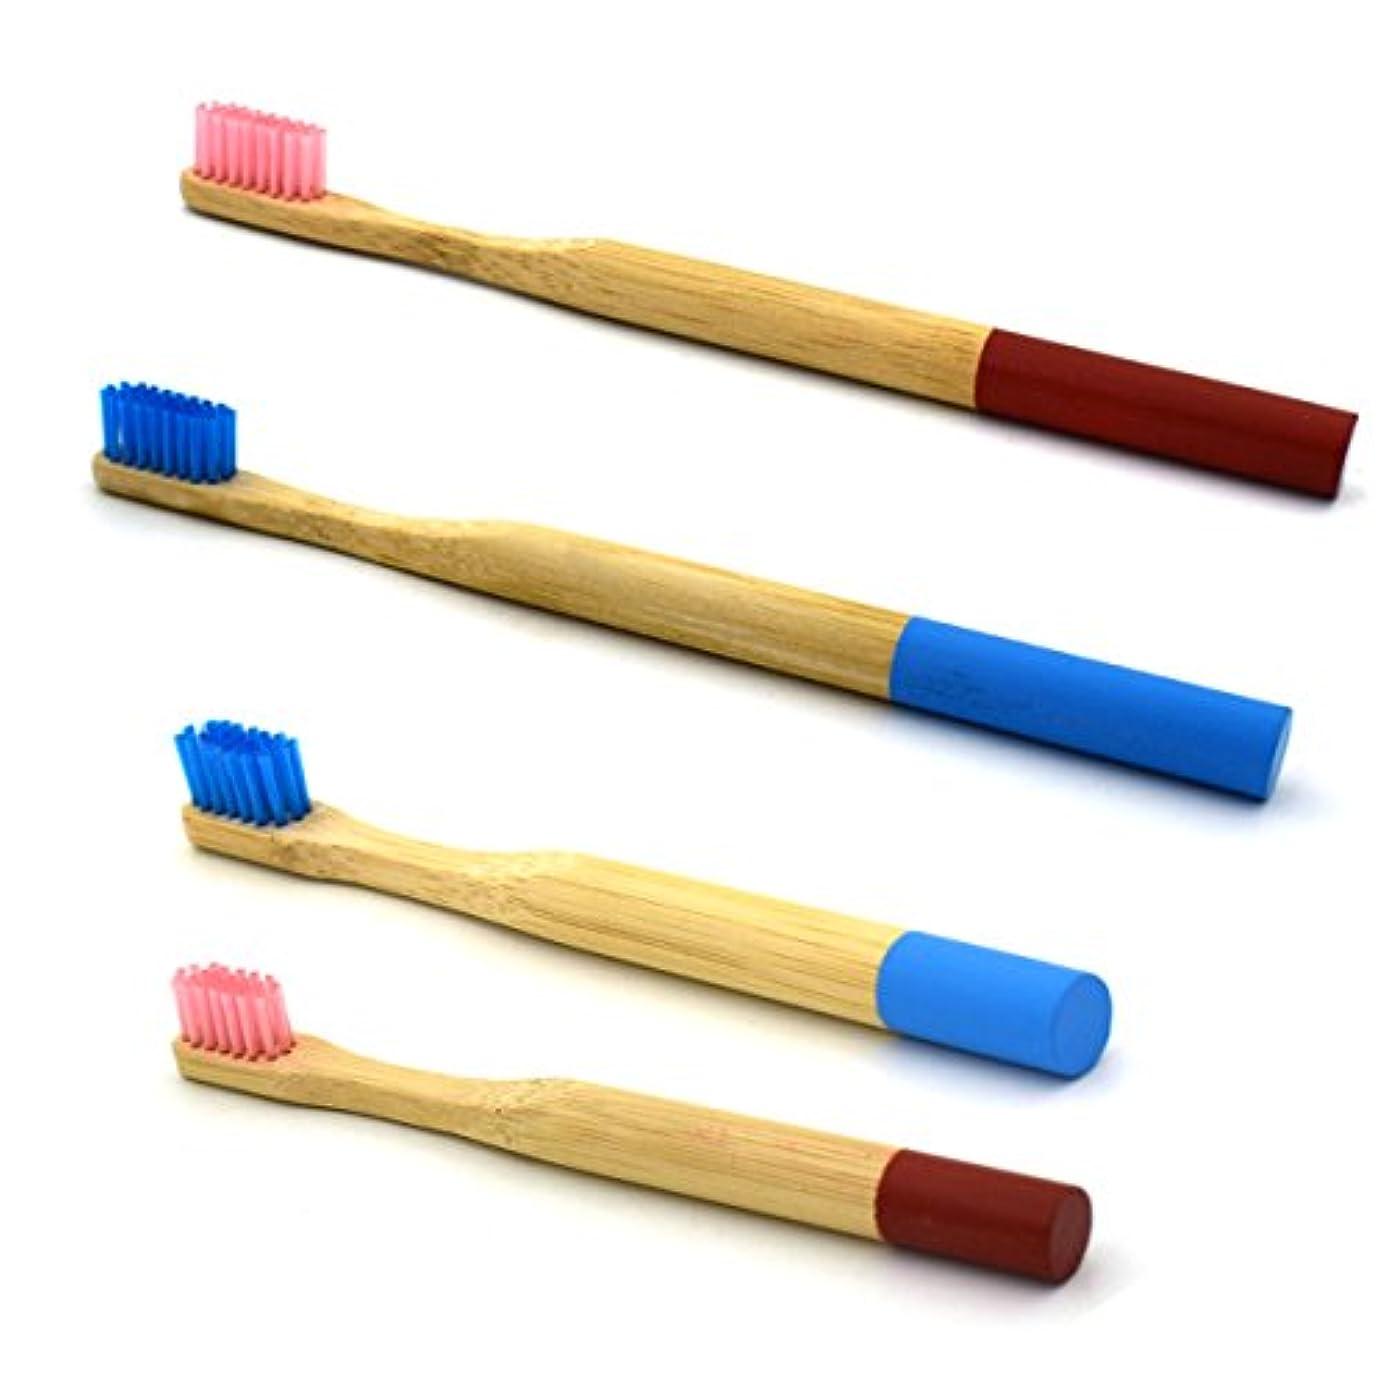 申請中専門知識あいにくHEALLILY ラウンドハンドルエコフレンドリーソフト剛毛歯ブラシ(ブルーとピンク) - 大人と子供と4個の天然竹製の歯ブラシ